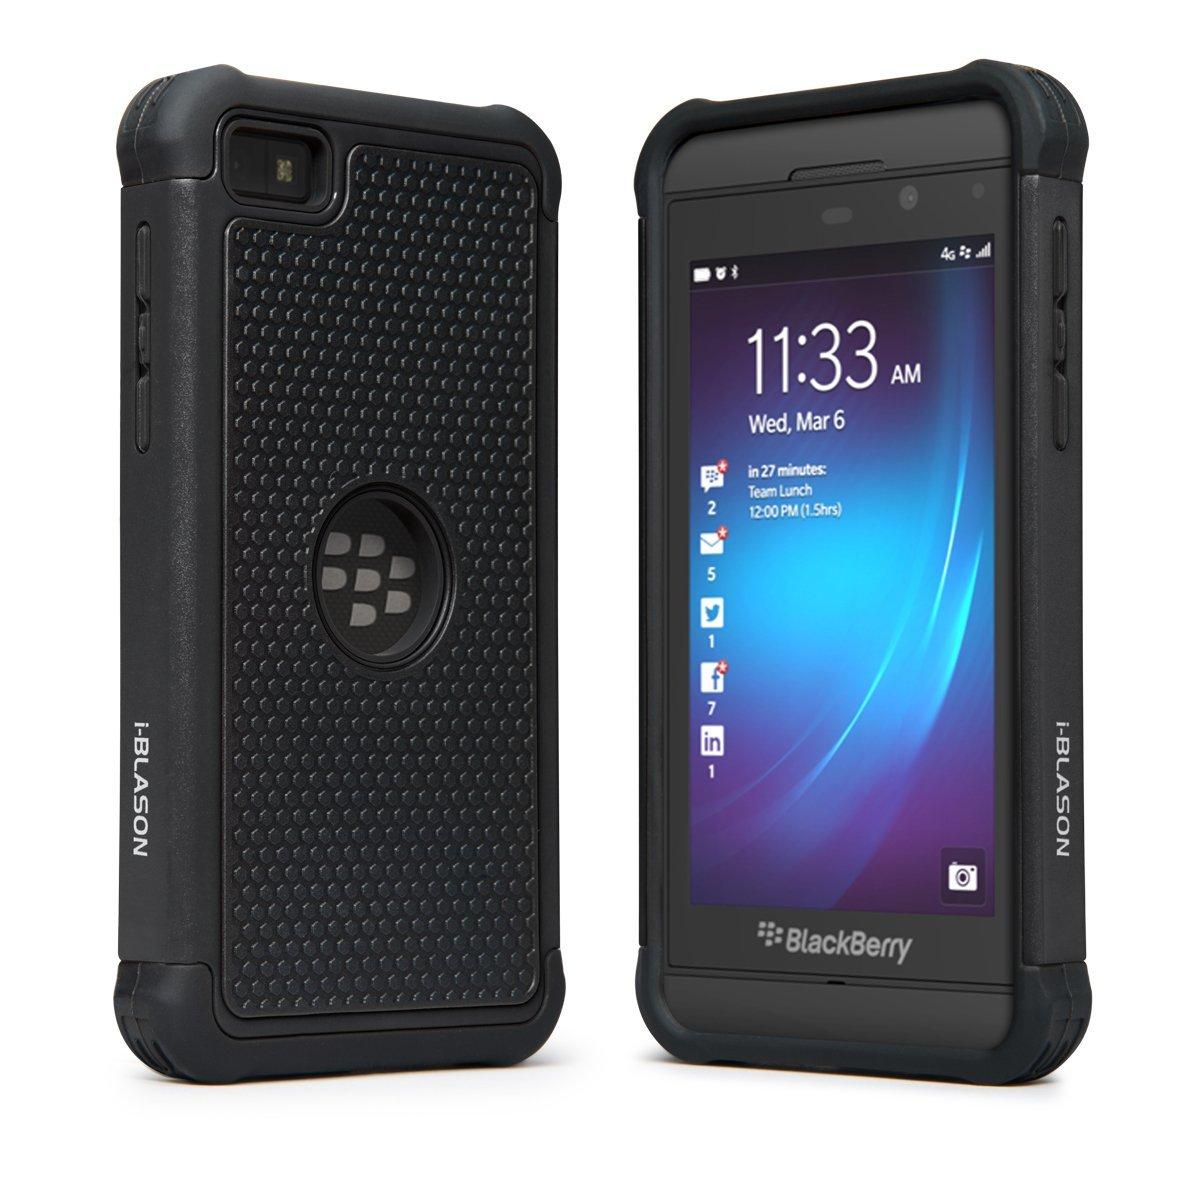 Best Cases for Blackberry-5